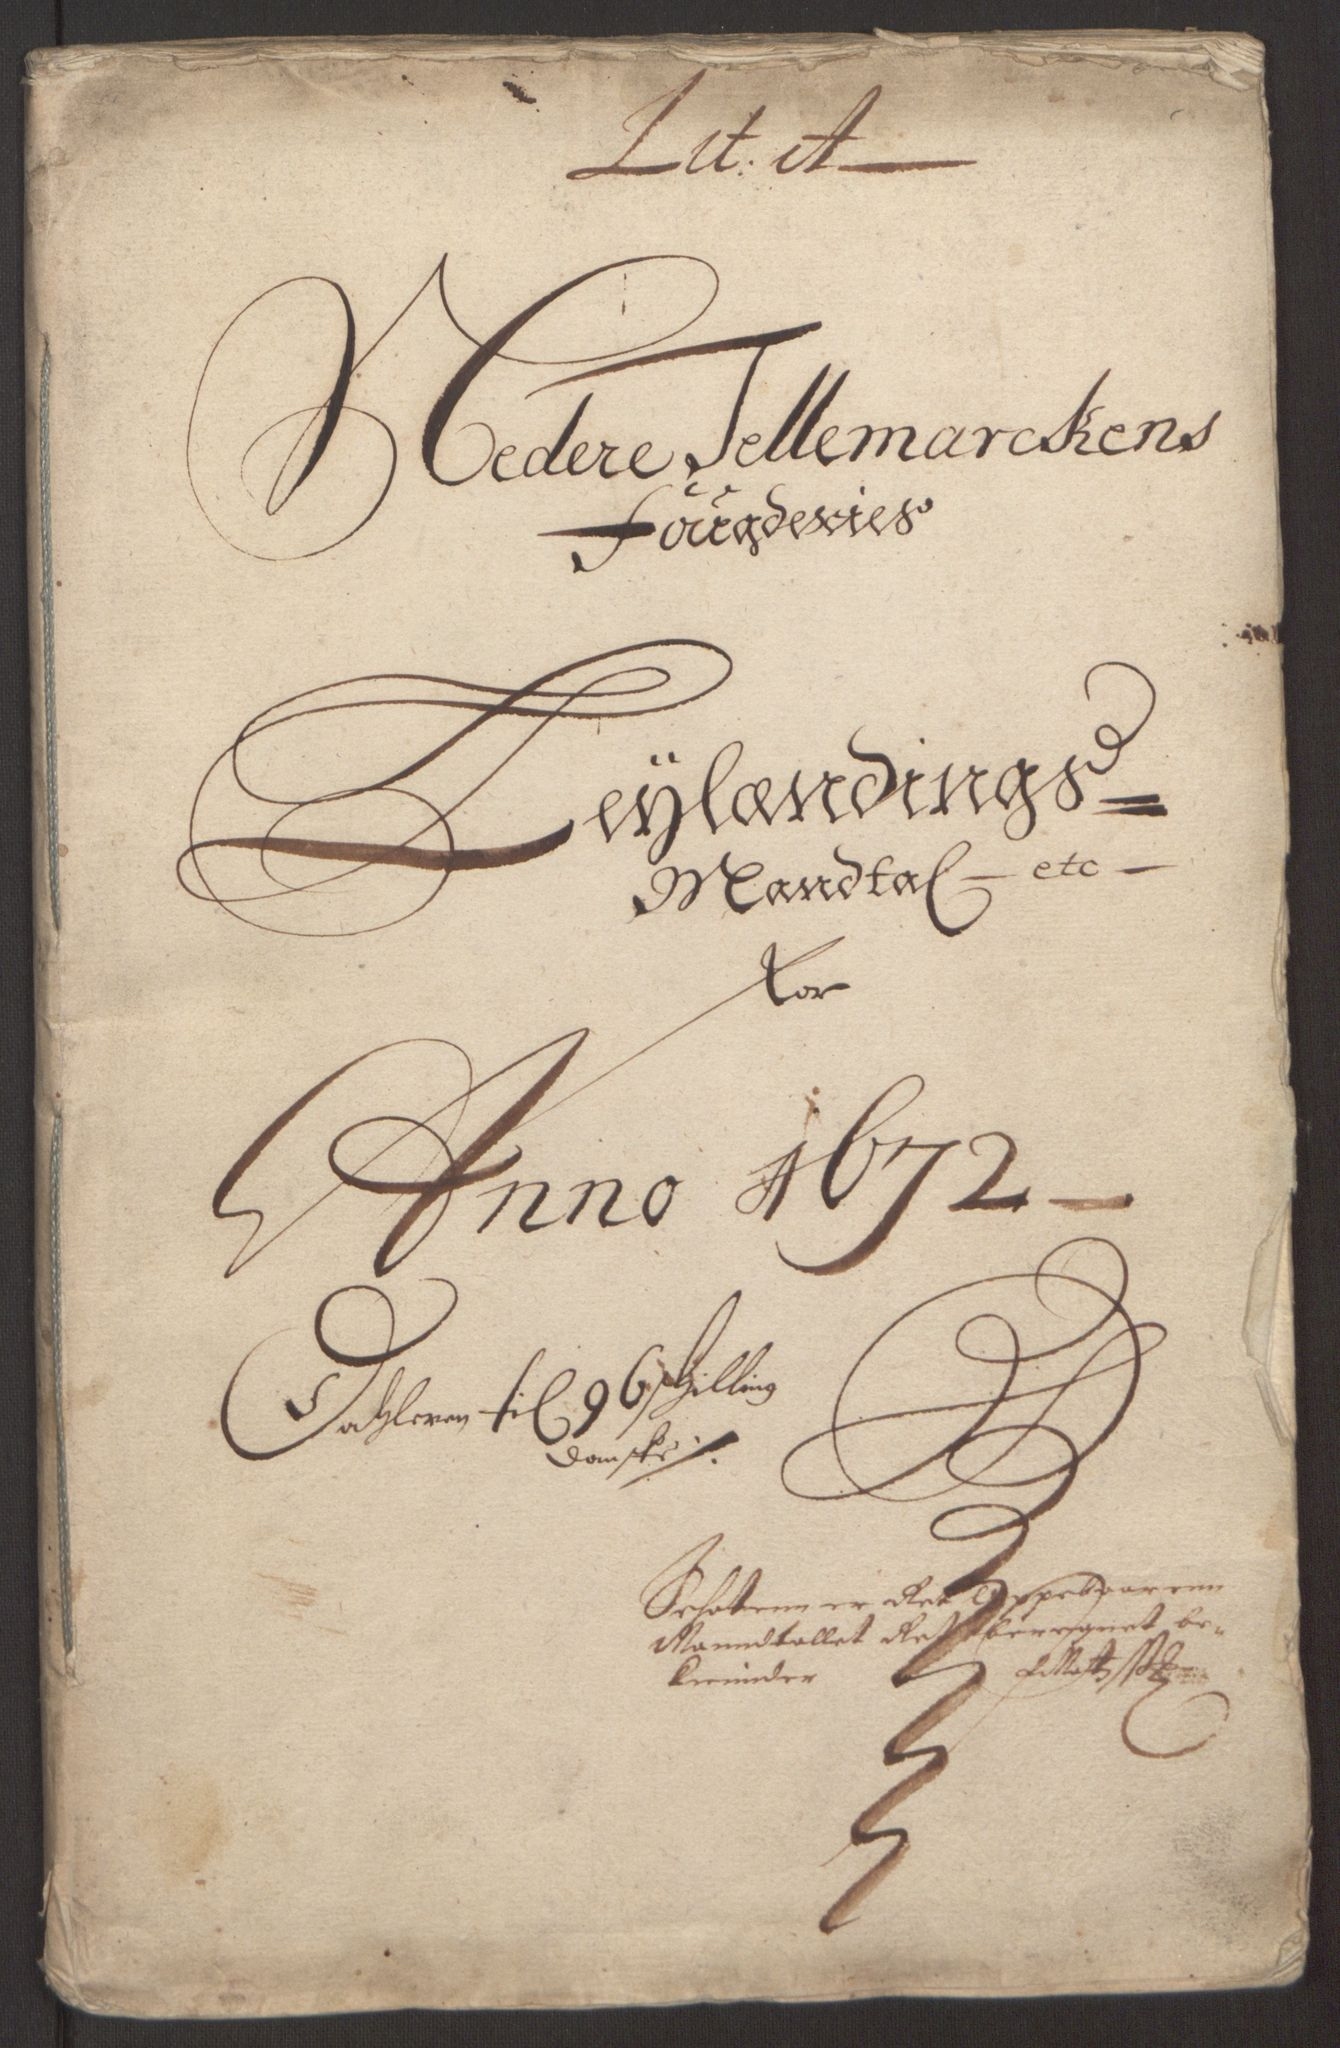 RA, Rentekammeret inntil 1814, Reviderte regnskaper, Fogderegnskap, R35/L2060: Fogderegnskap Øvre og Nedre Telemark, 1671-1672, s. 227